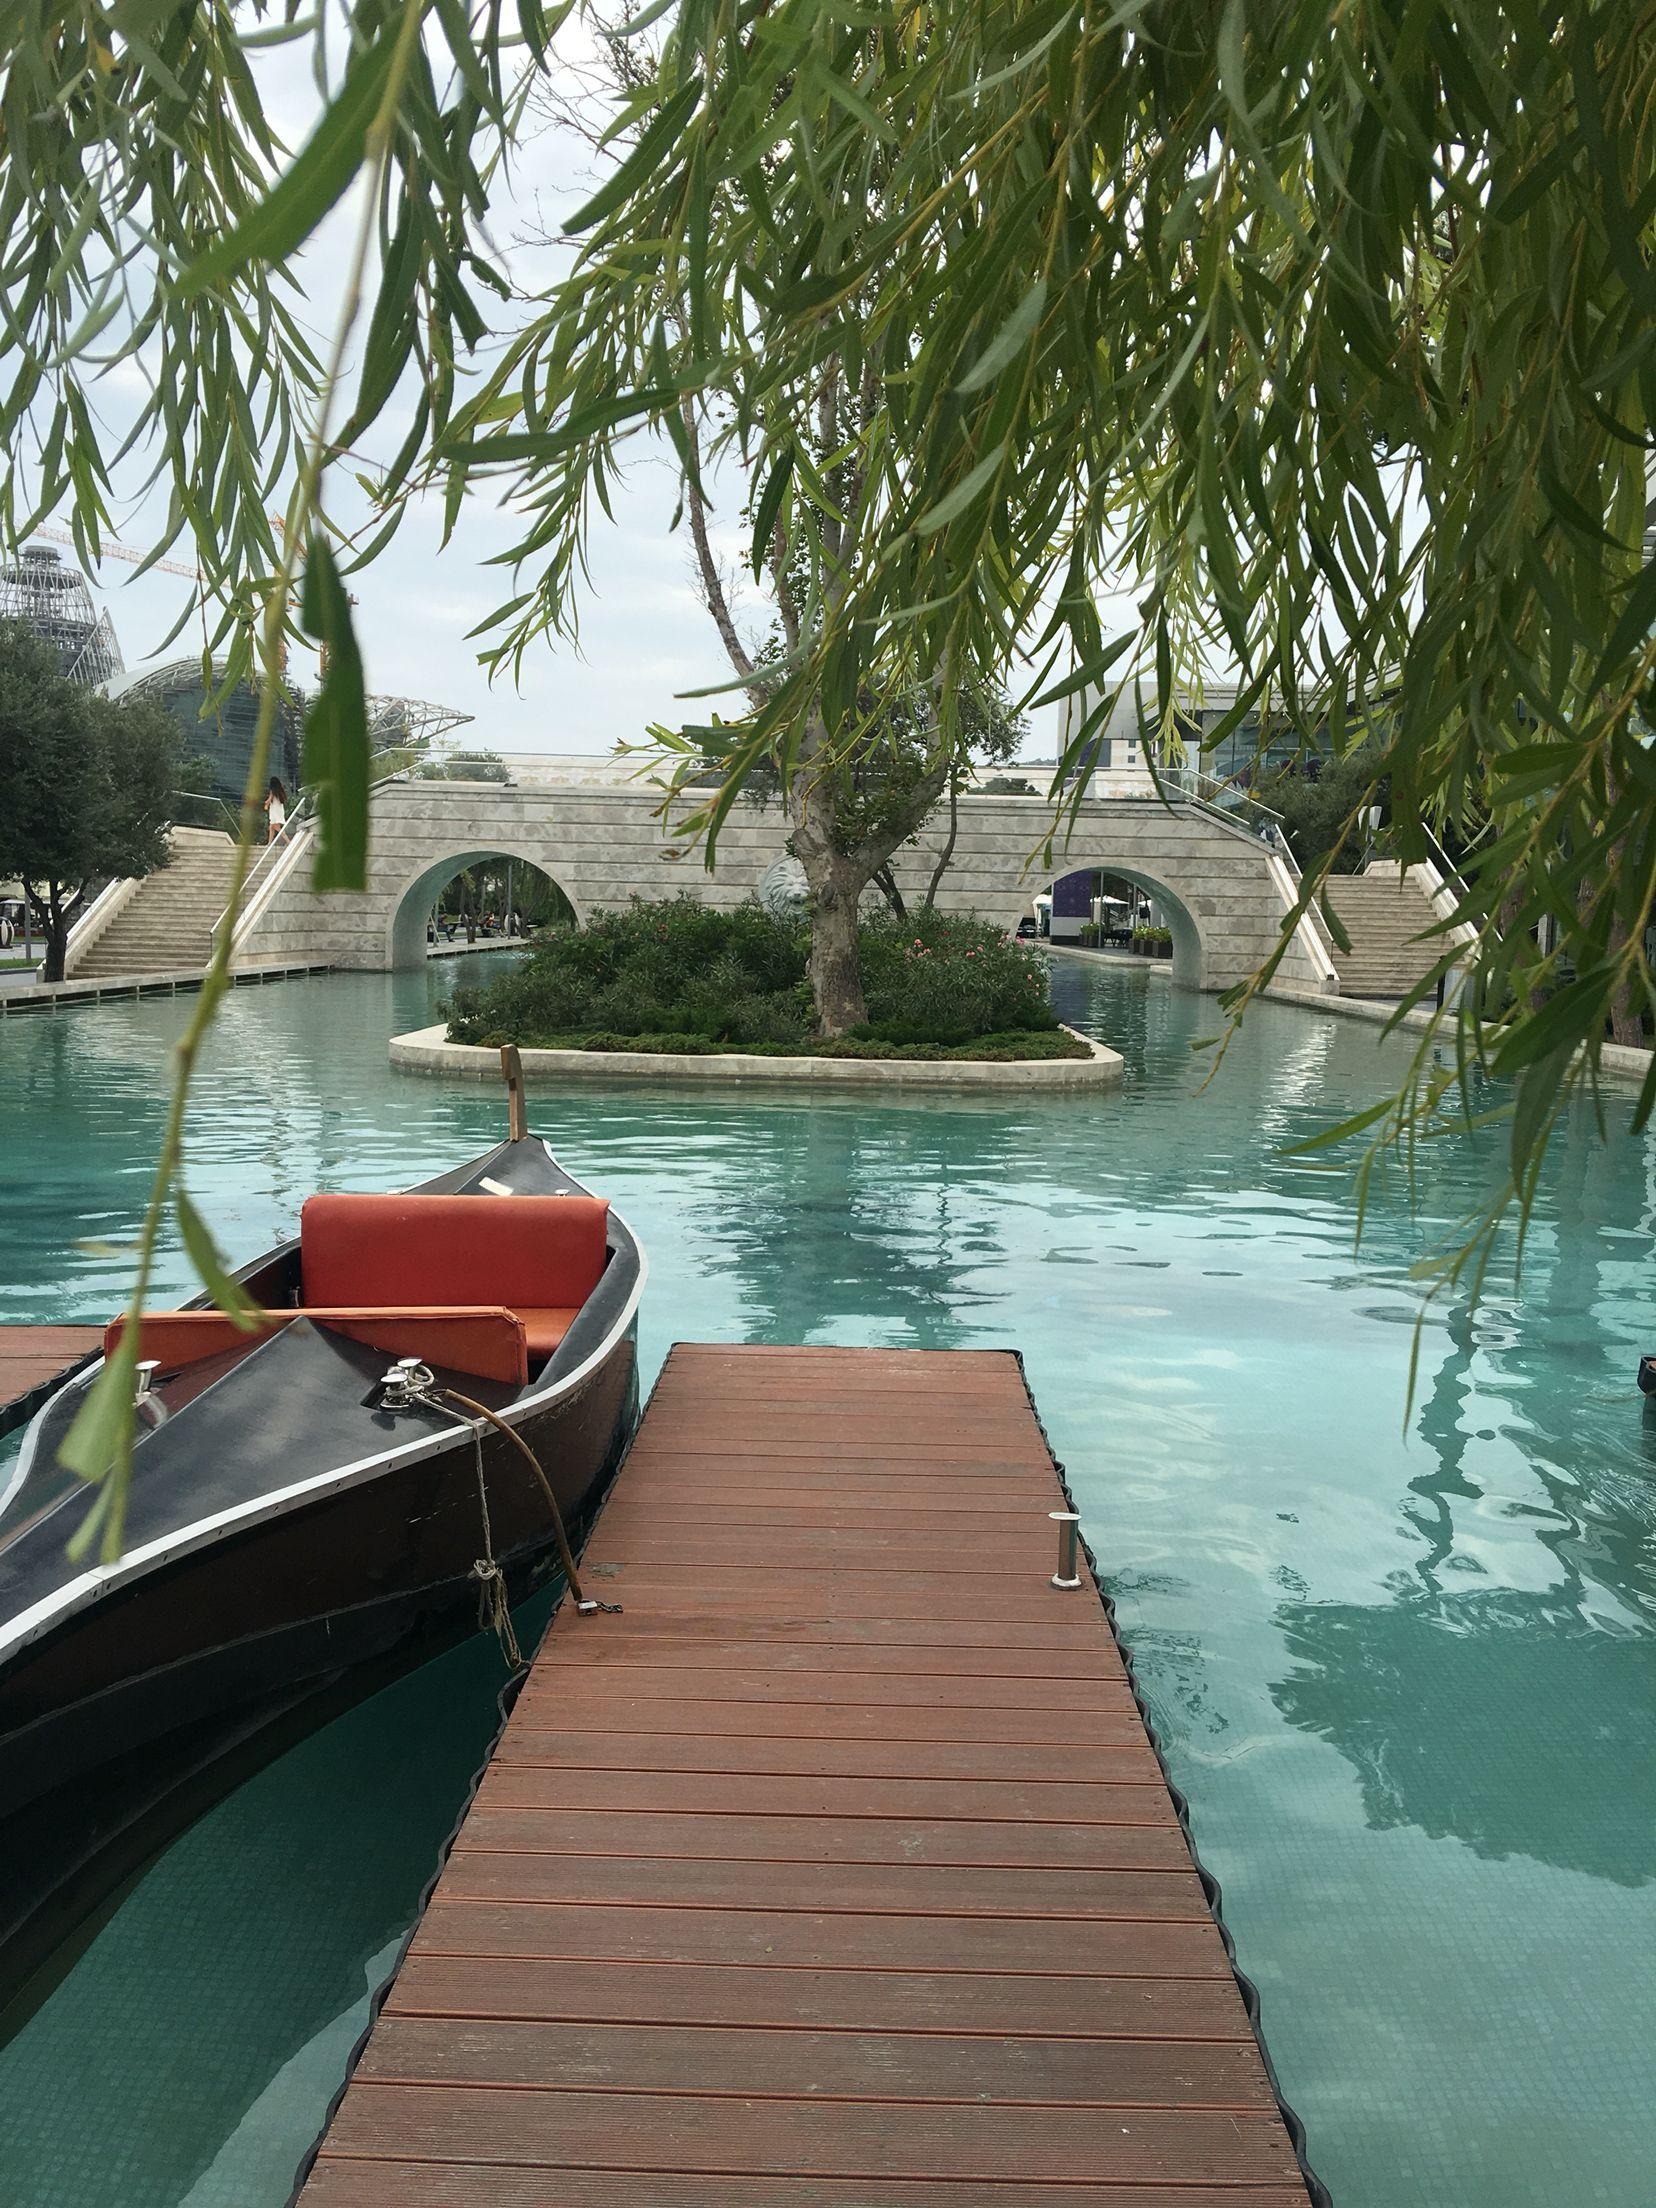 Kicik Venesiya Mini Venice Azerbaijan Travel Baku City Baku Azerbaijan